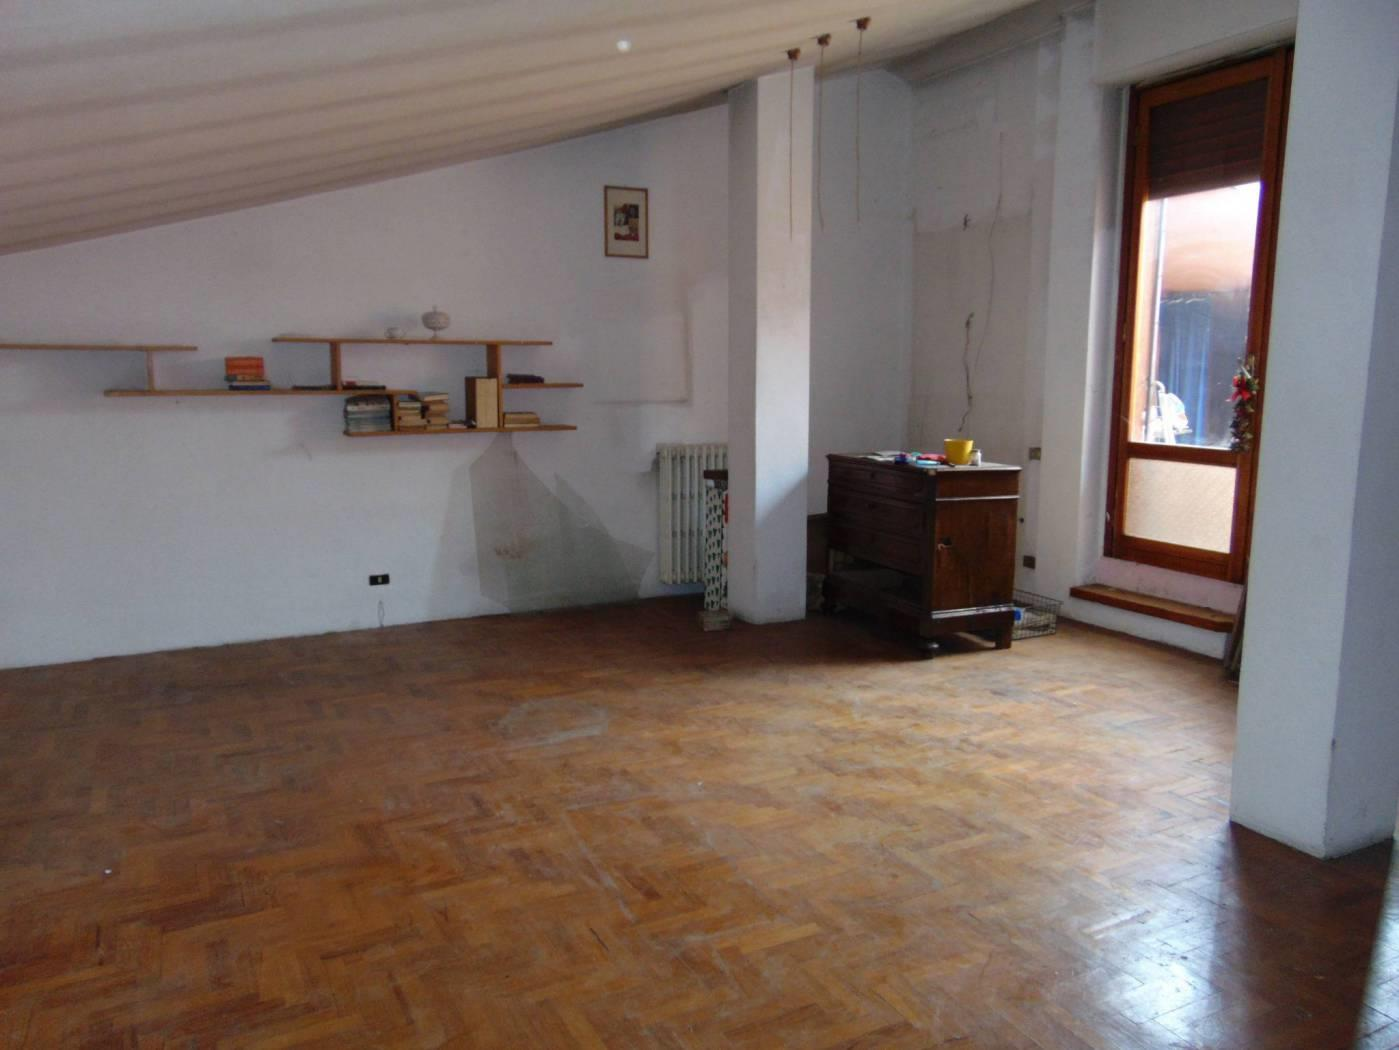 Foto 11 - Appartamento in Vendita - Monza, Zona San Giuseppe